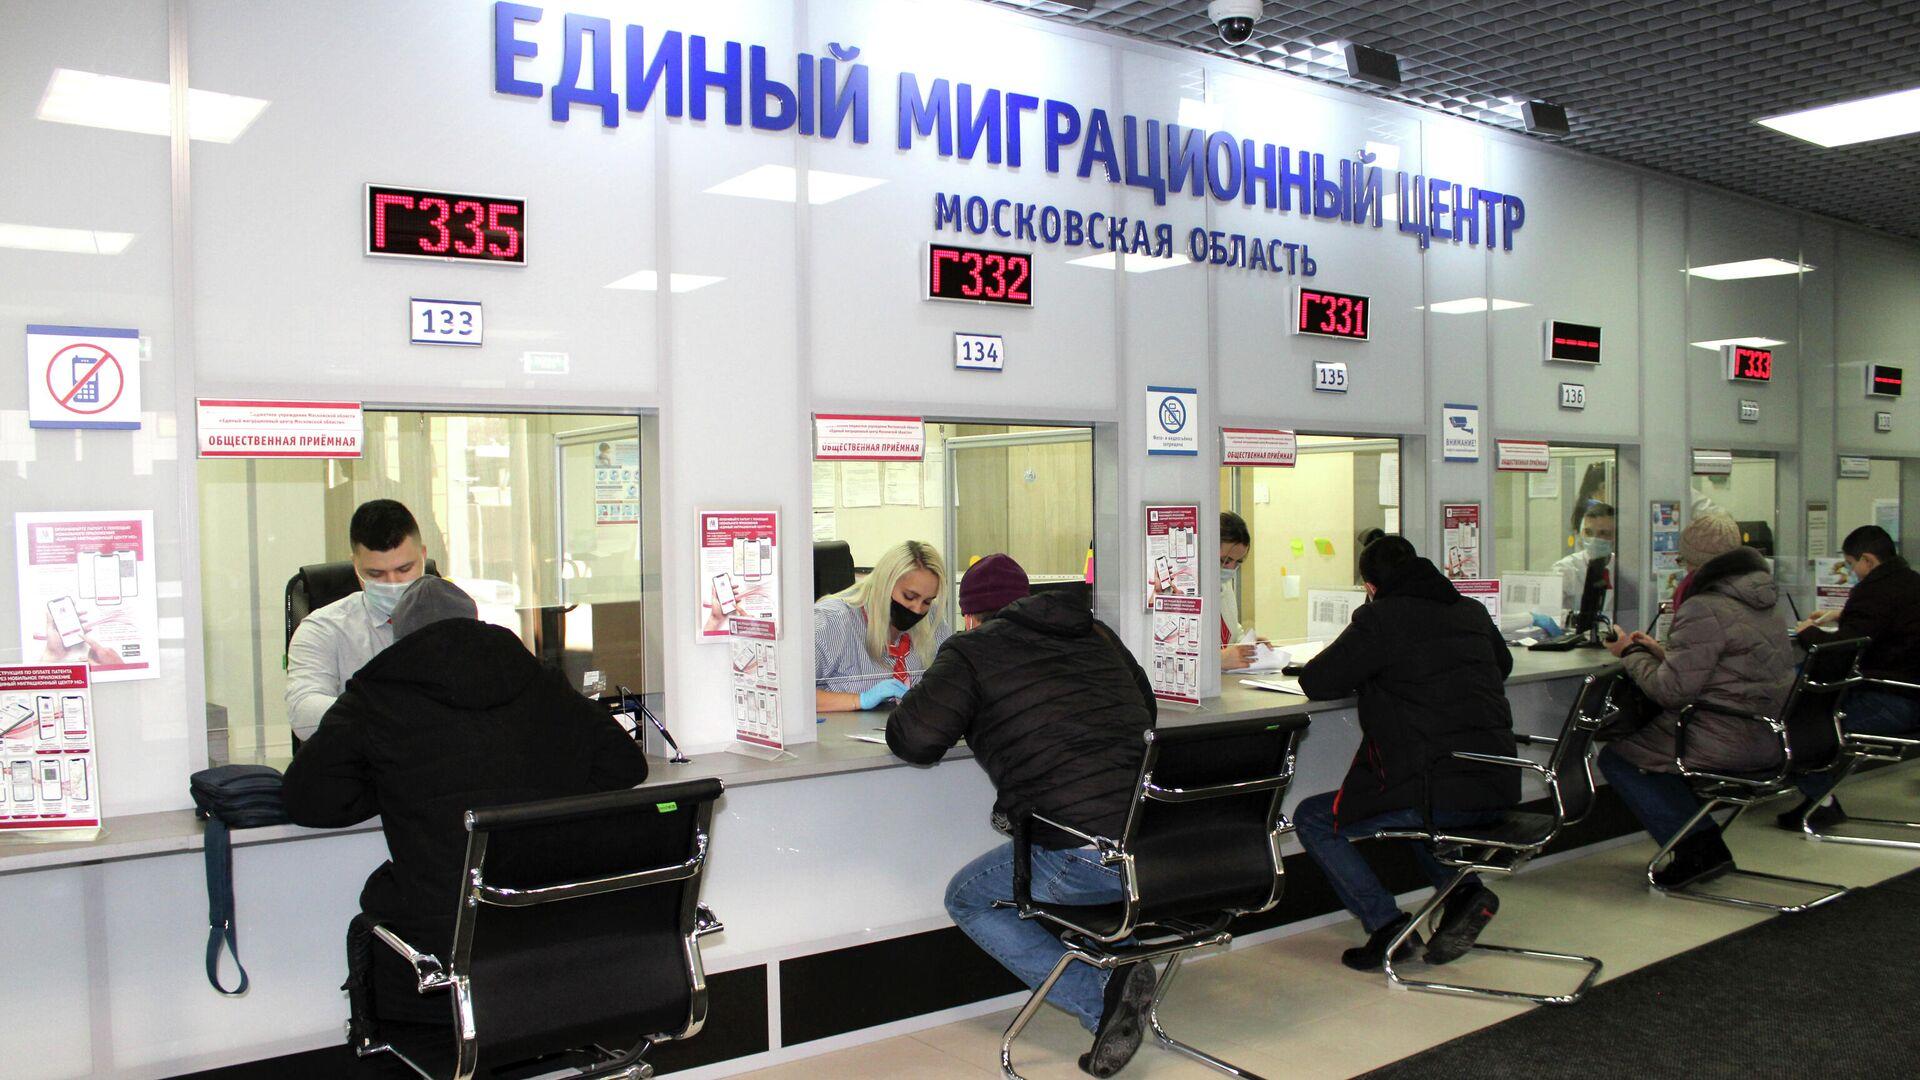 Единый миграционный центр Московской области - РИА Новости, 1920, 21.09.2021